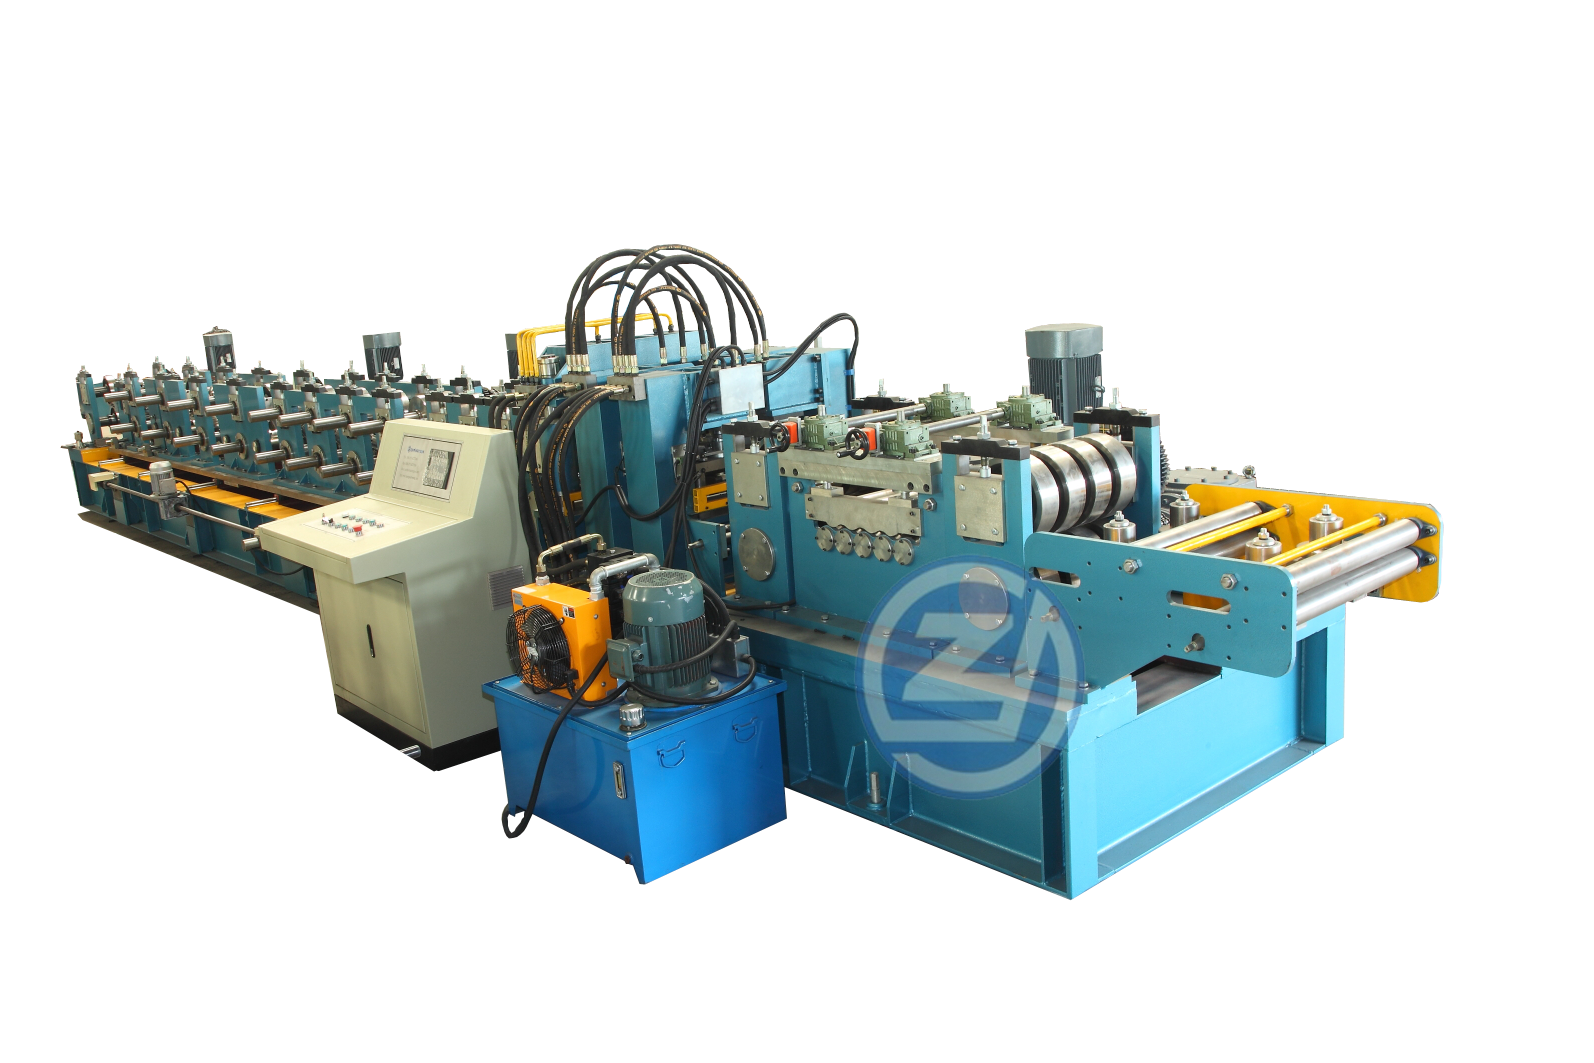 供应全自动檩条成型机/C/Z型互换檩条机 金属压型设备/成型设备